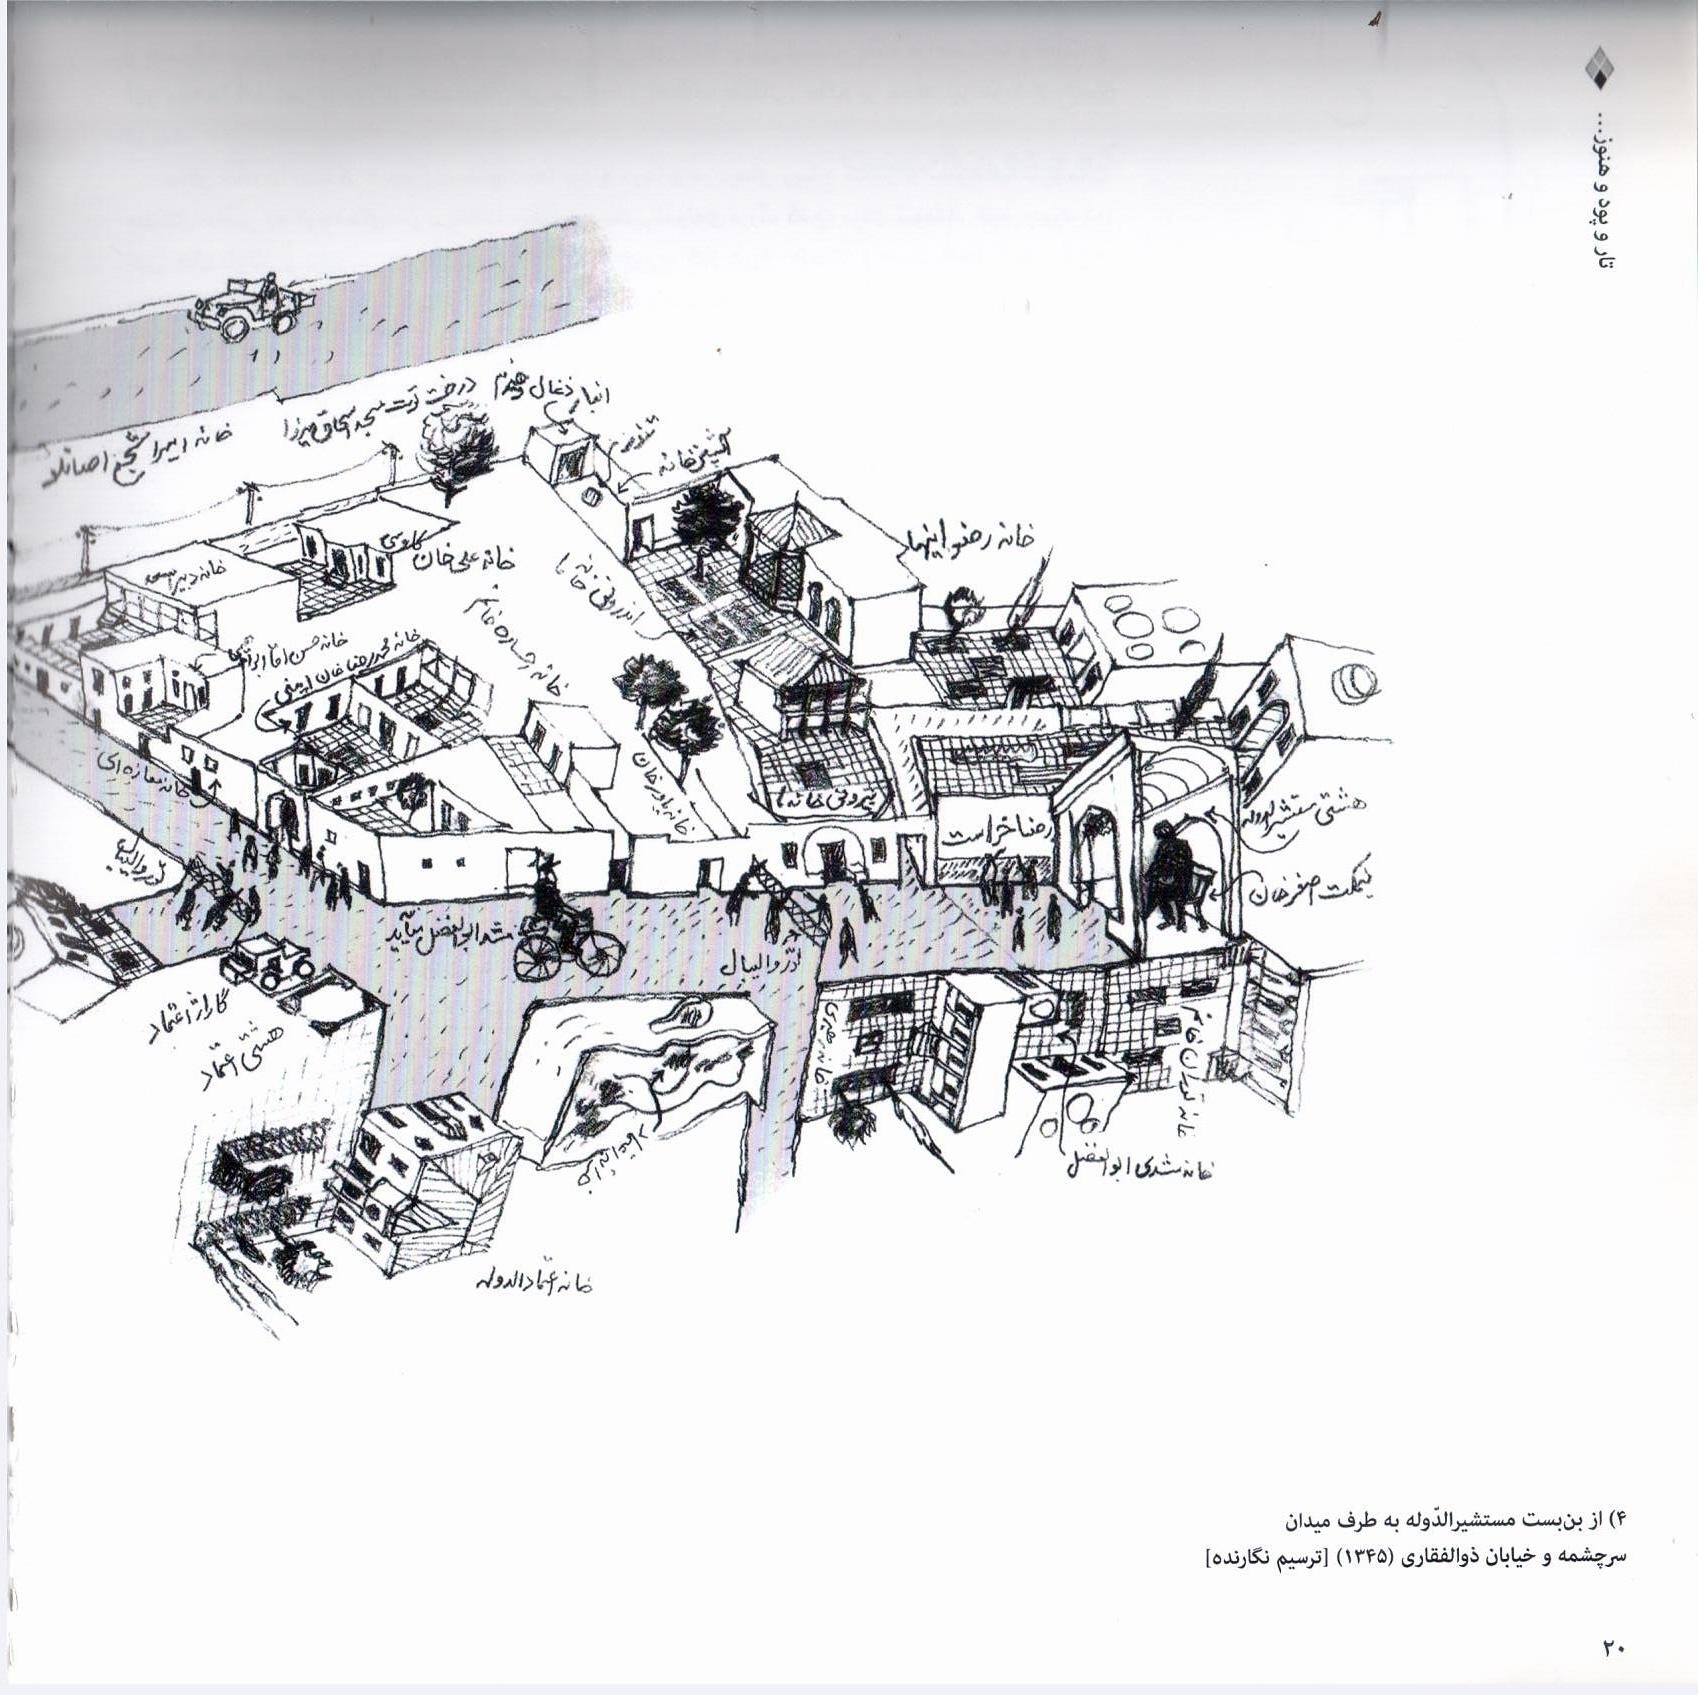 «فرج الله داوودی» از تاریخچه خواندنی یکی از محلات قدیم زنجان می گوید: محله سرچشمه به بلندای سن مشروطیت